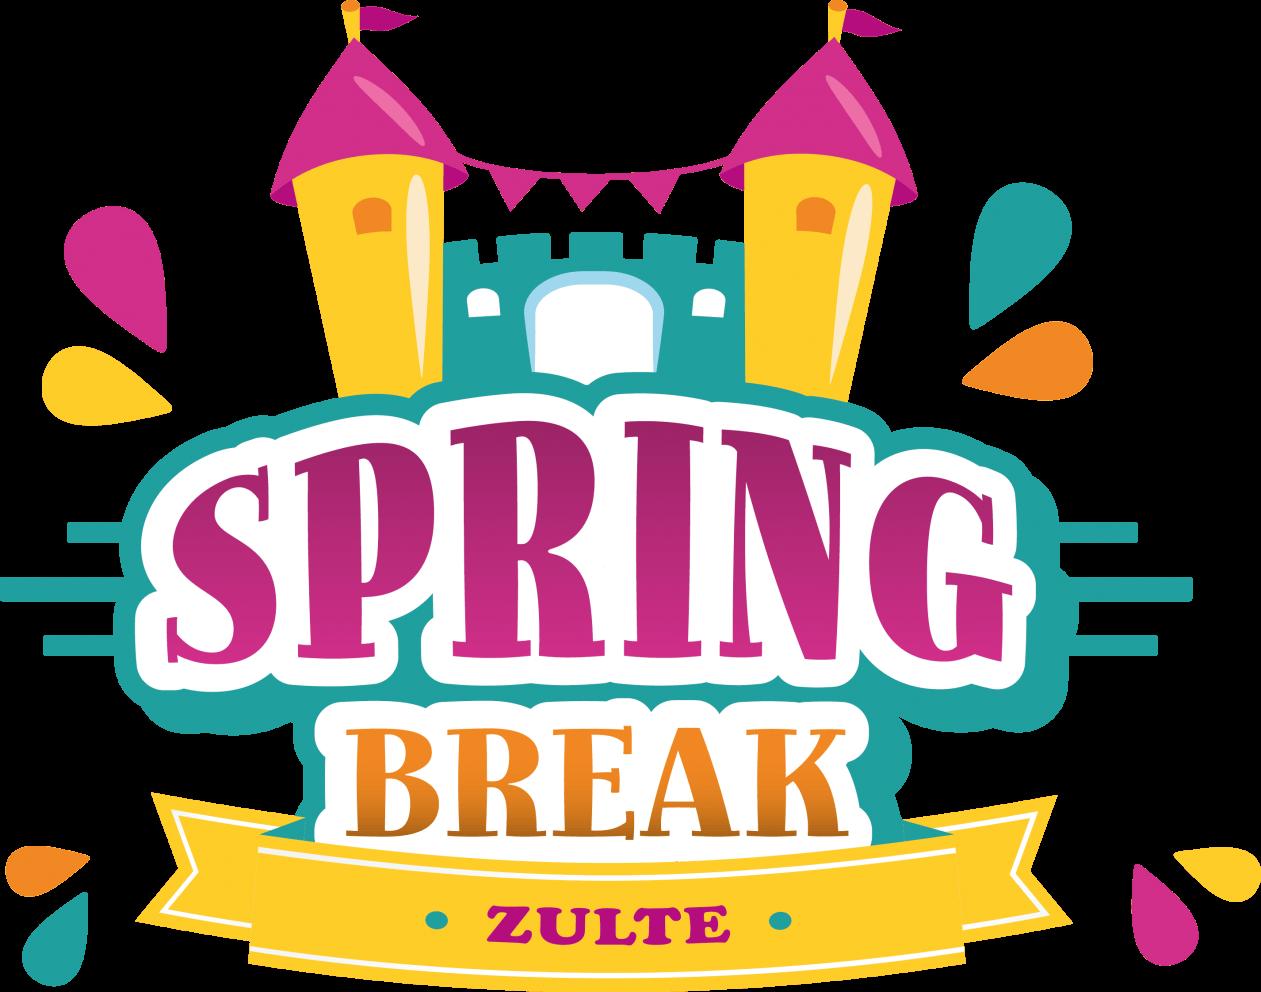 SpringbreakLogo.png